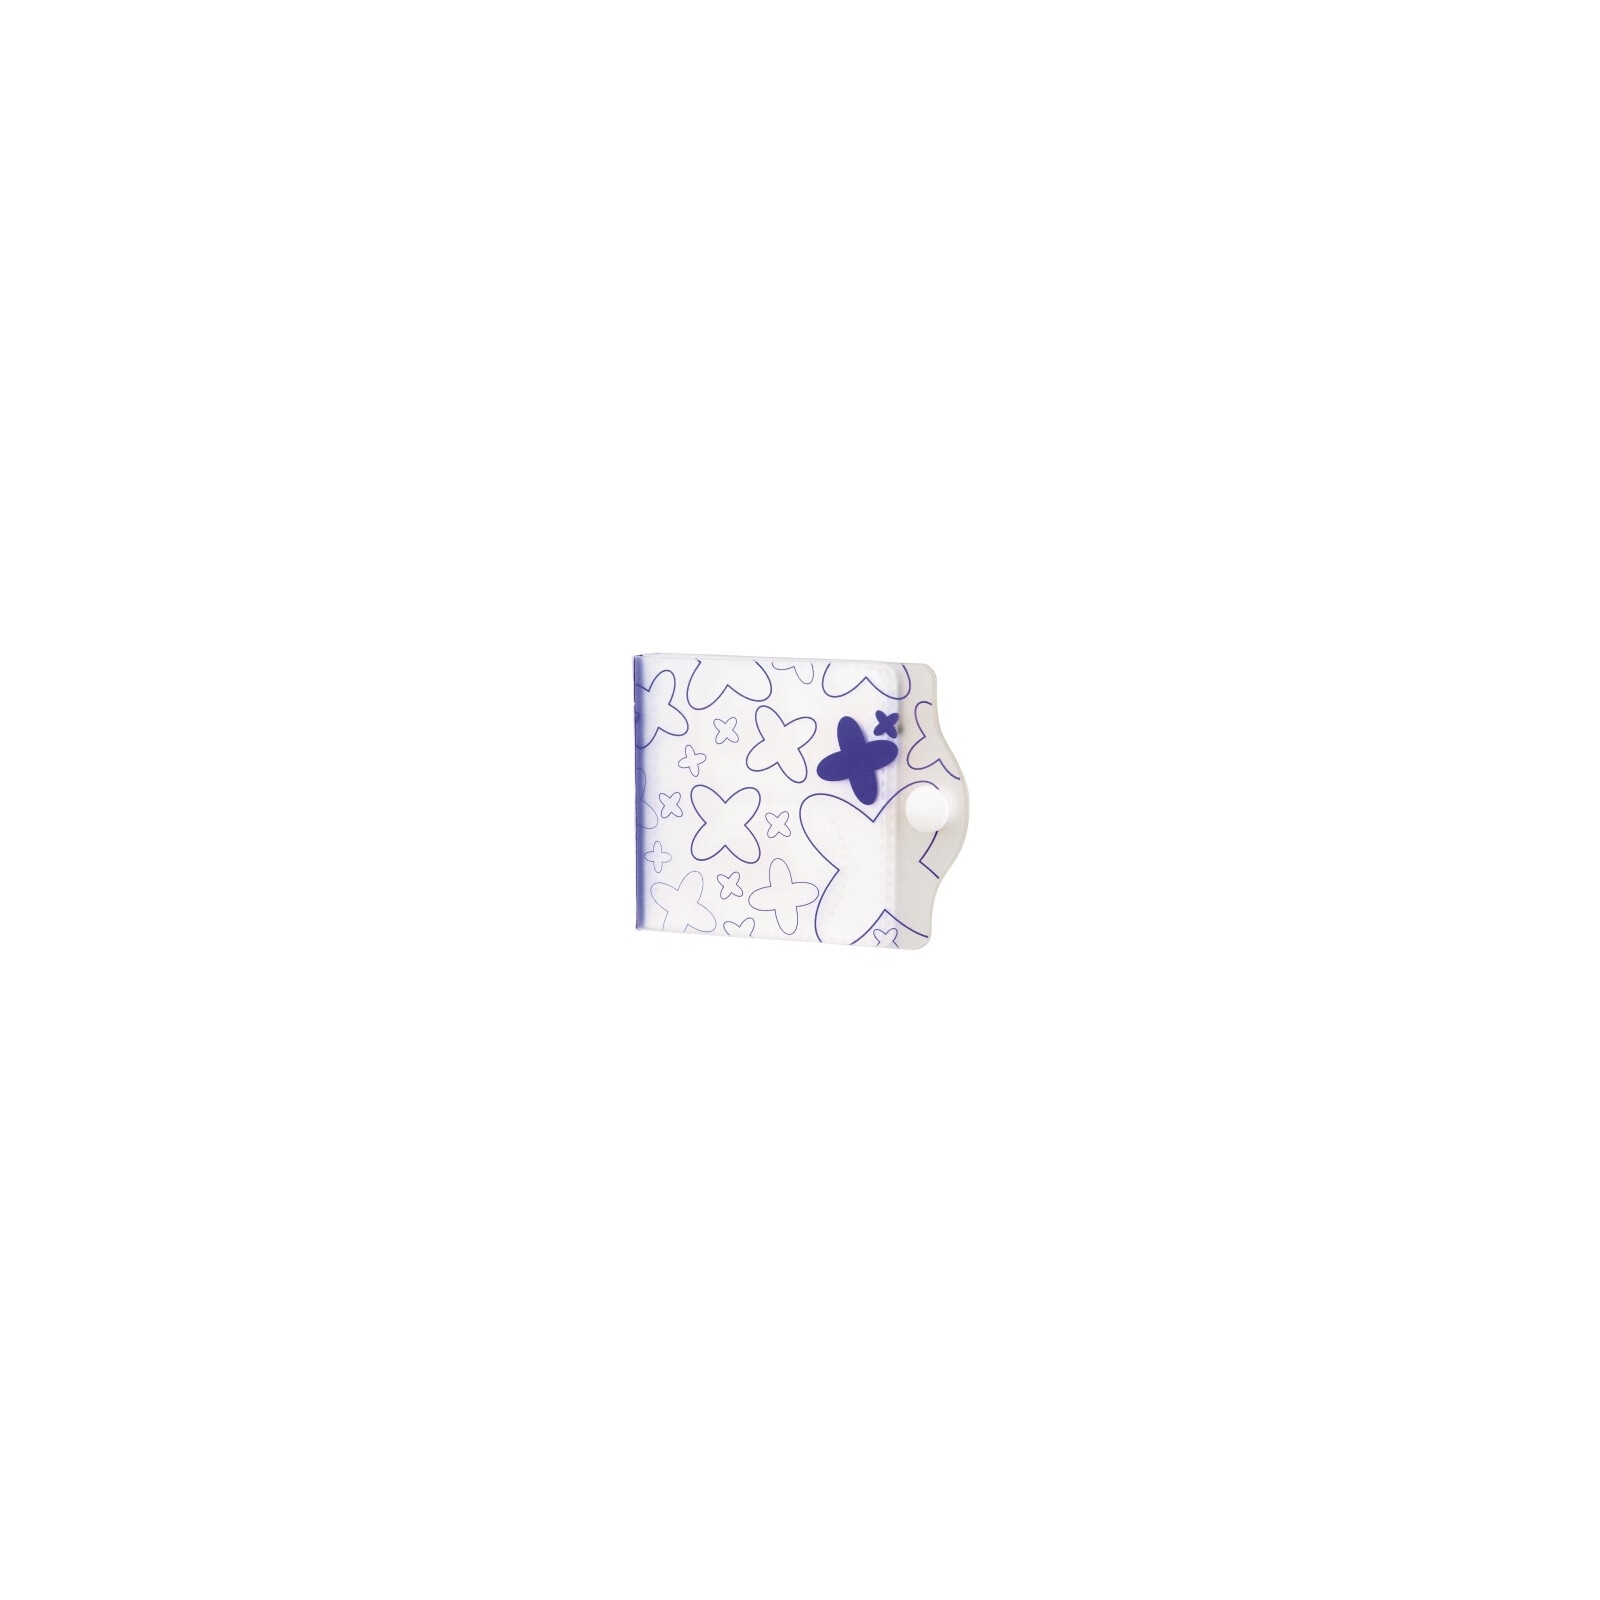 Hama 95921 Speicherkarten-Mappe blau